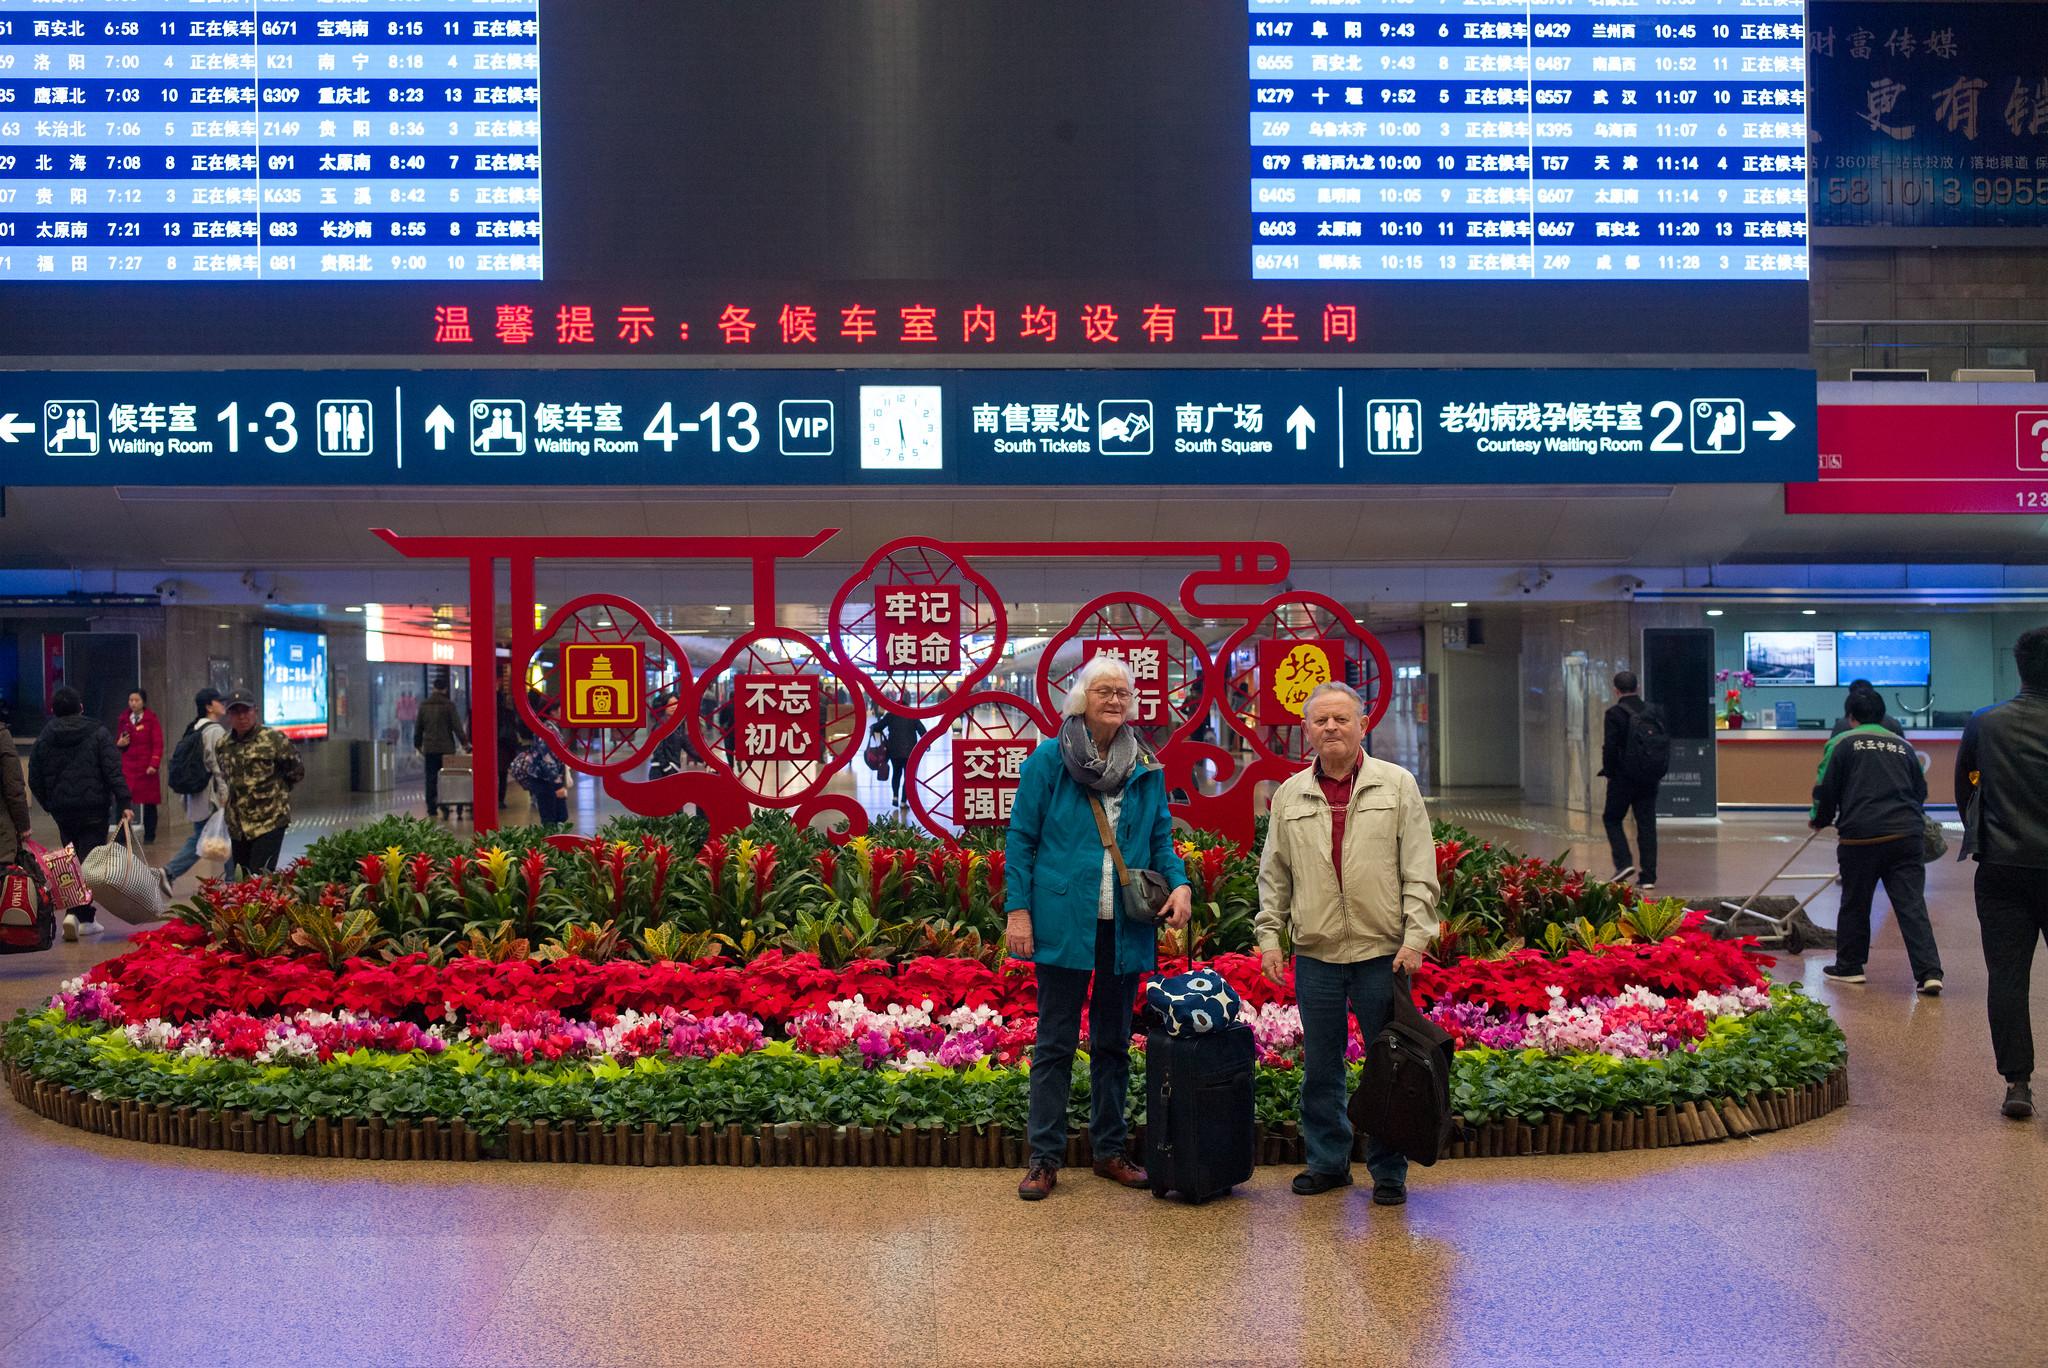 Huf Beijing Bahnhof